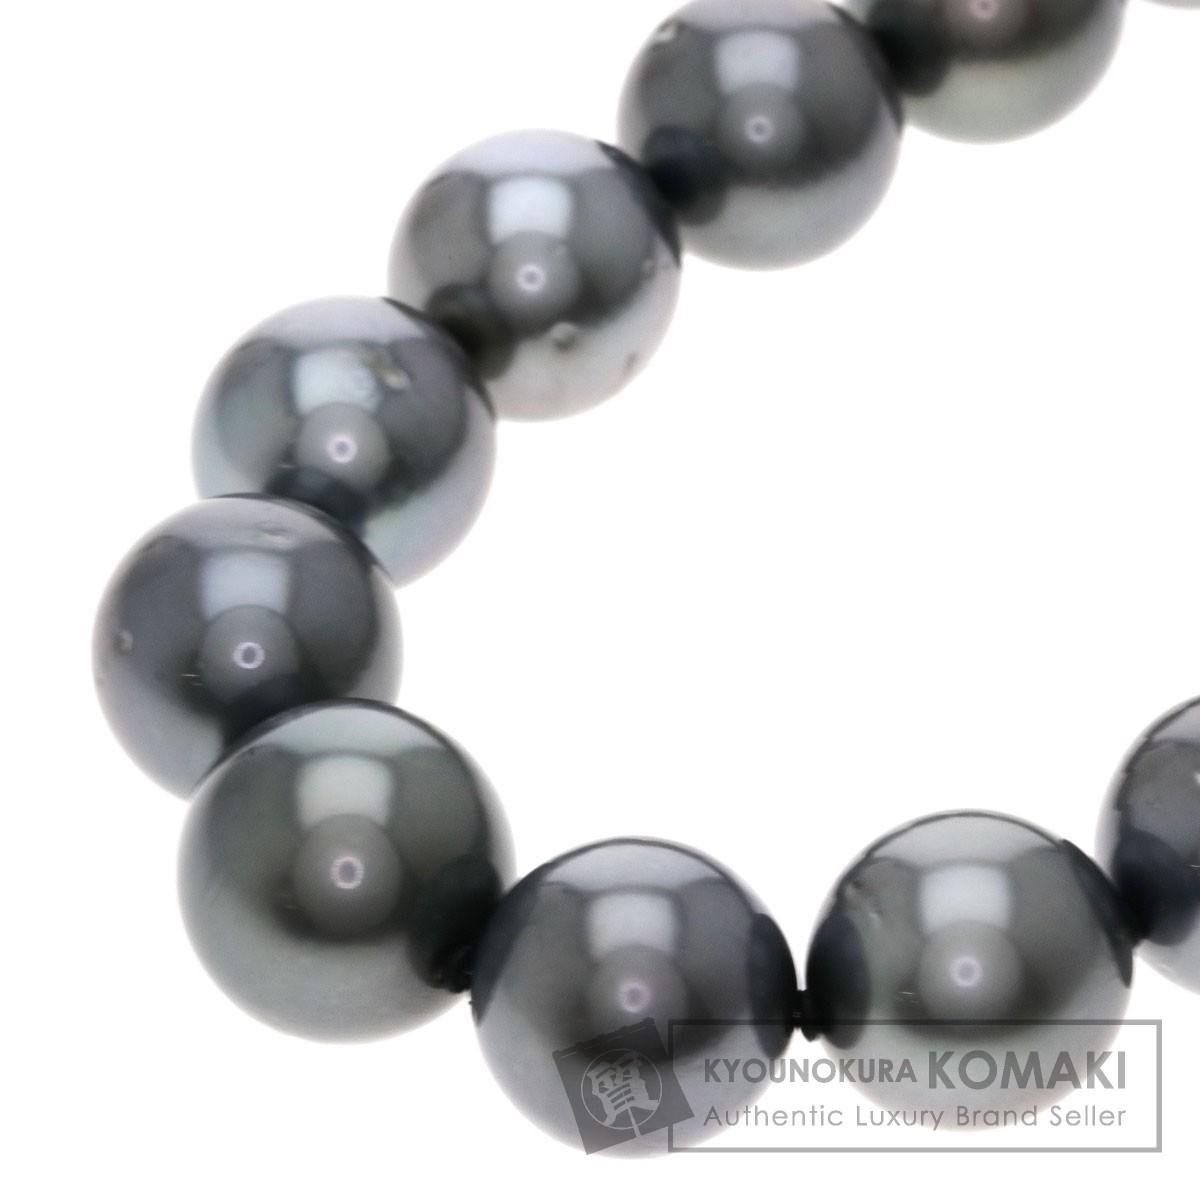 南洋ブラックパール/真珠 ネックレス シルバー 79.5g レディース 【中古】